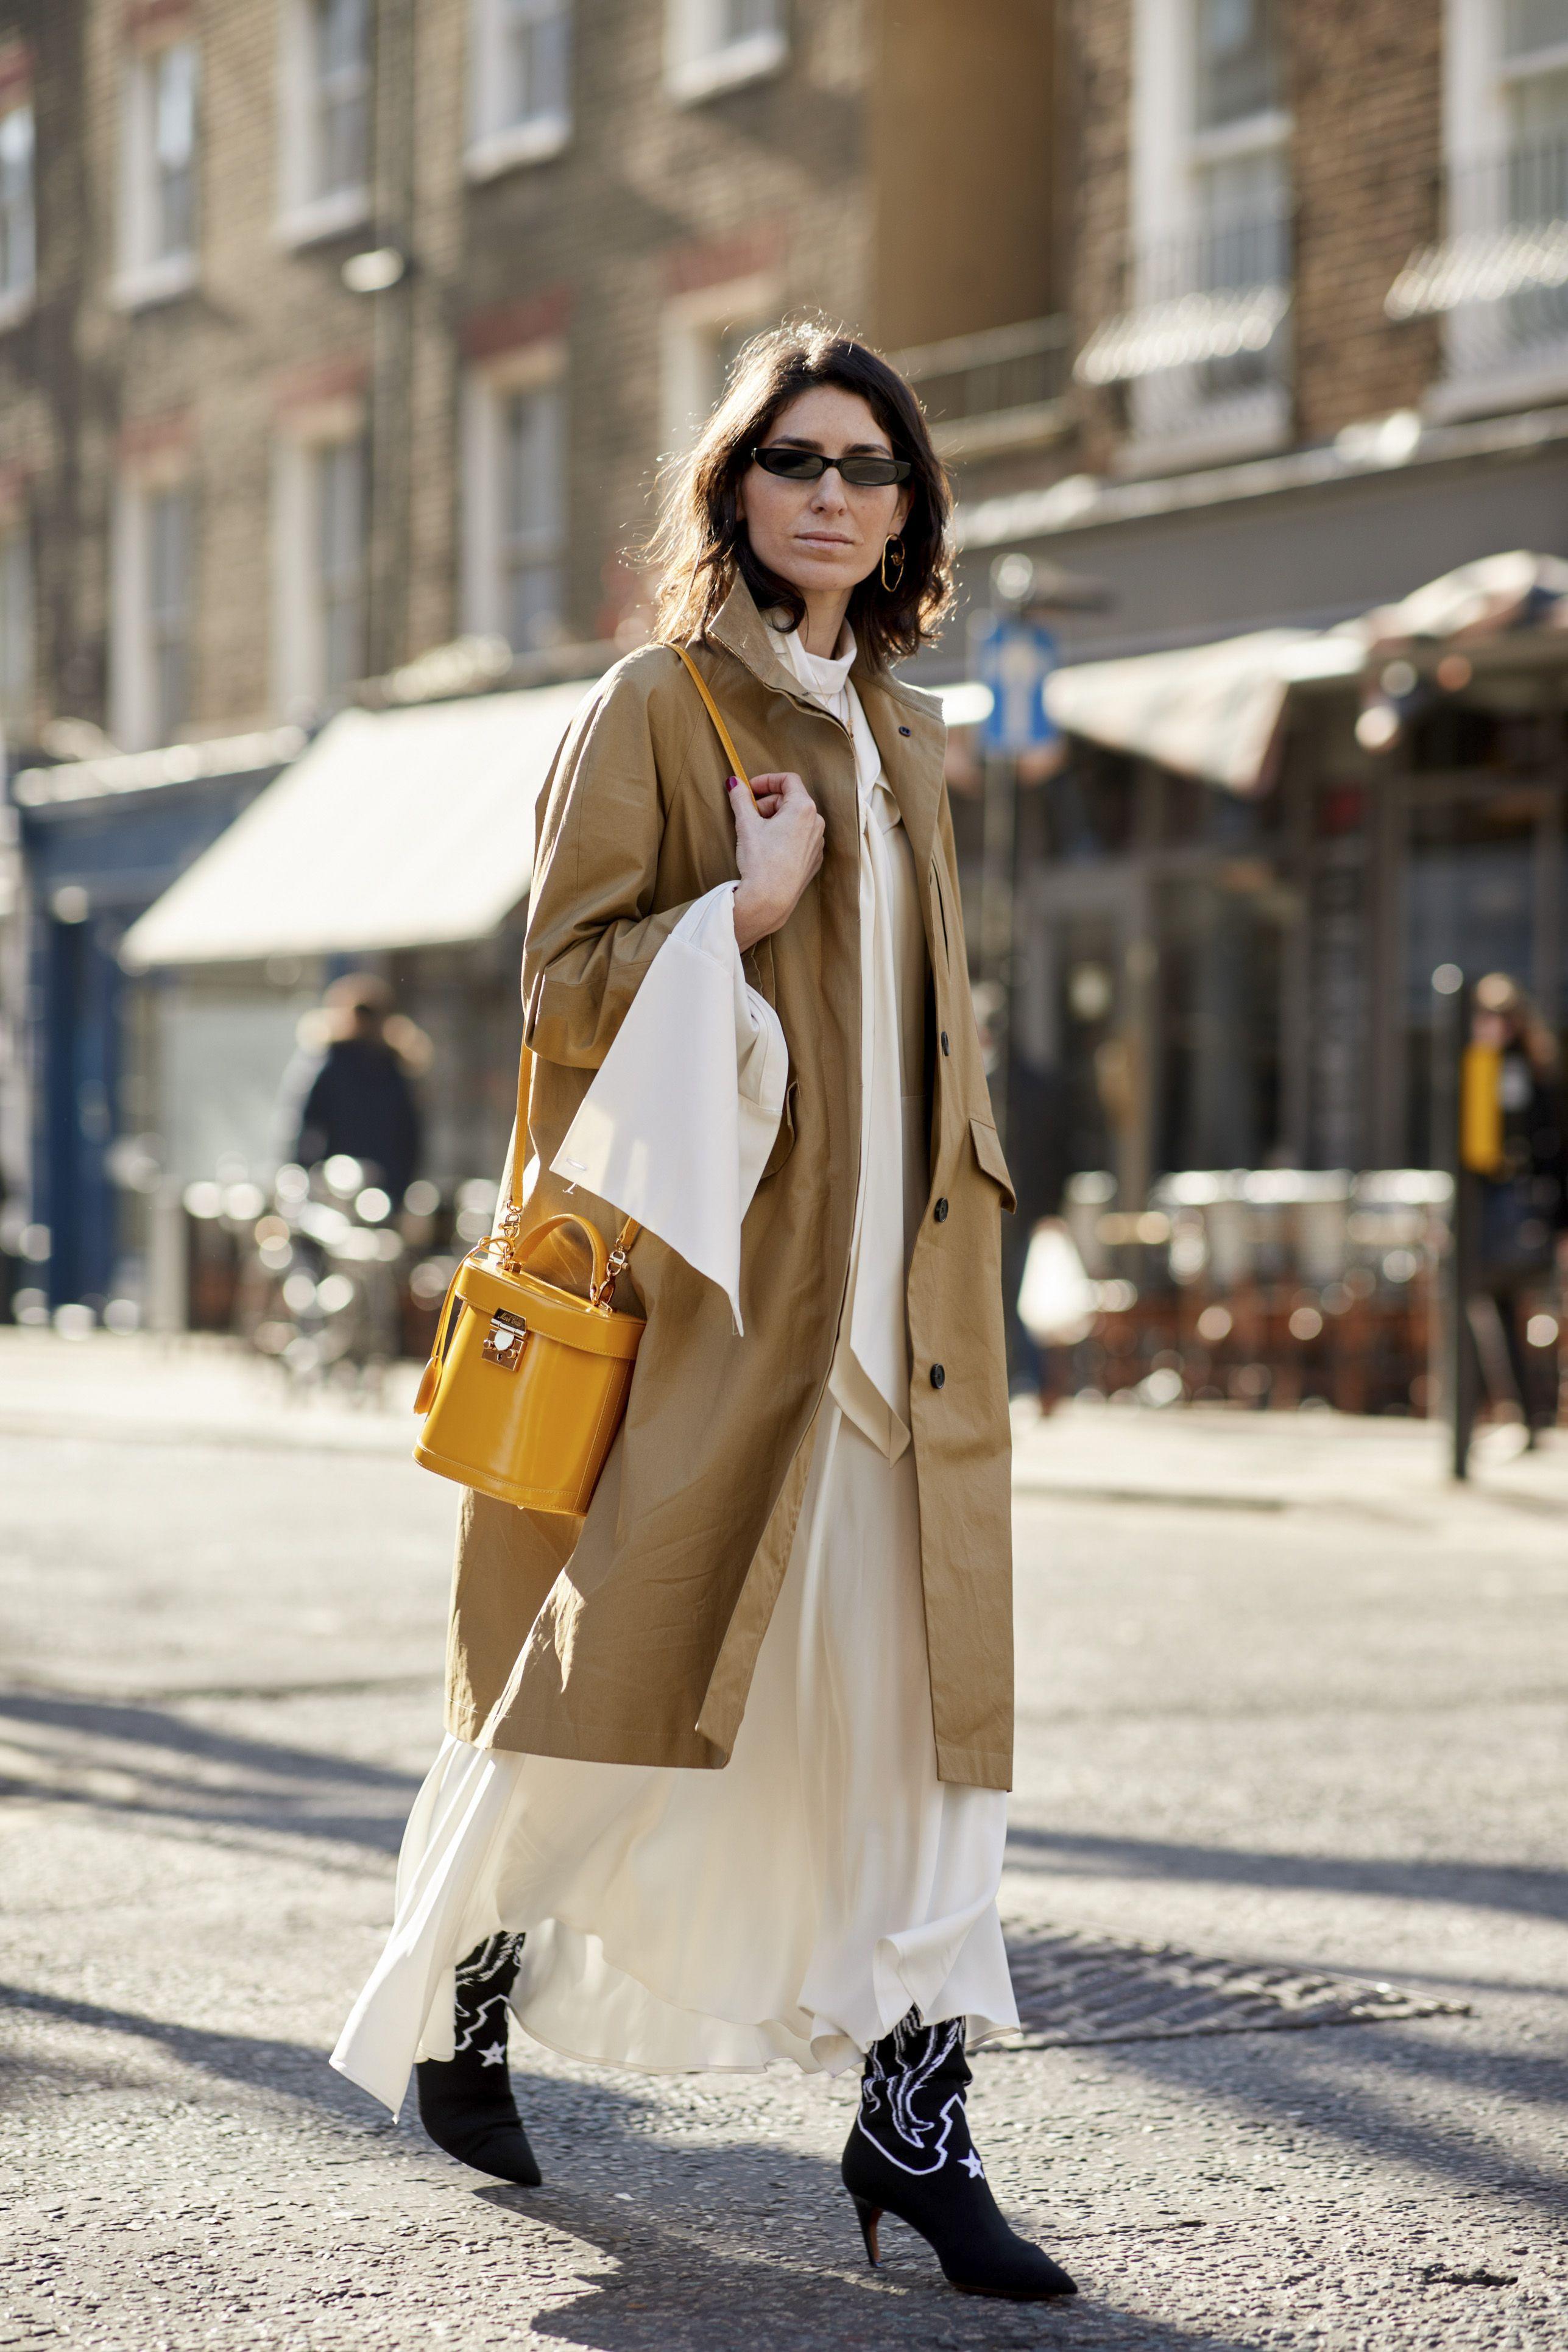 tendenze primavera estate 2019, colori moda estate 2019, colori di tendenza primavera estate 2019